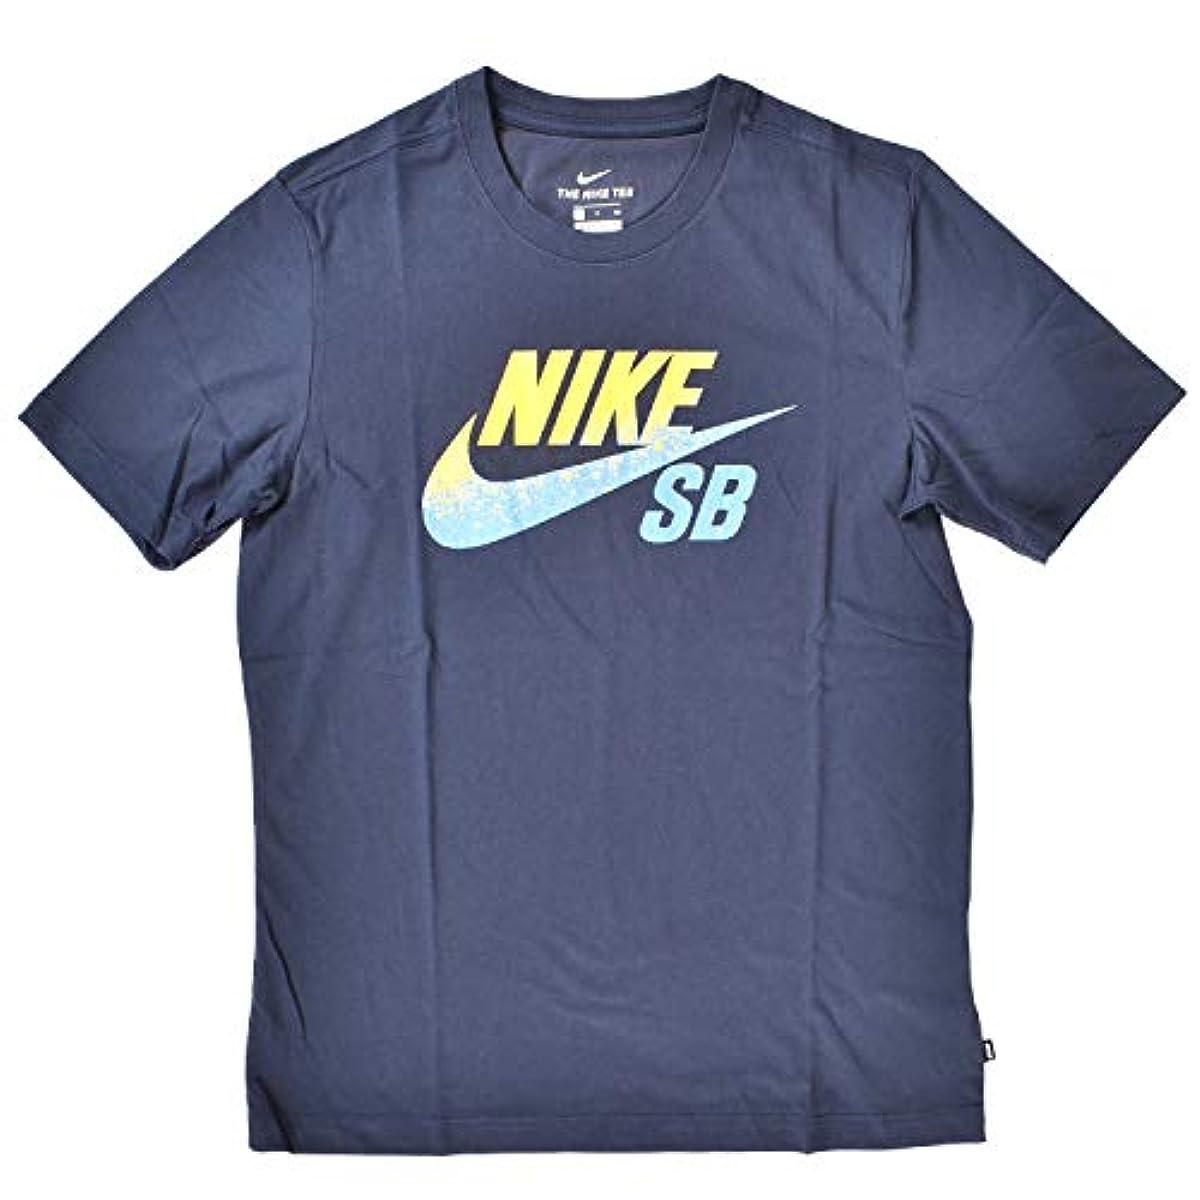 [해외] NIKE SB 나이키 에스 B 맨즈 반소매 T셔츠 NIKE SB DRI-FIT NBA T BV7434